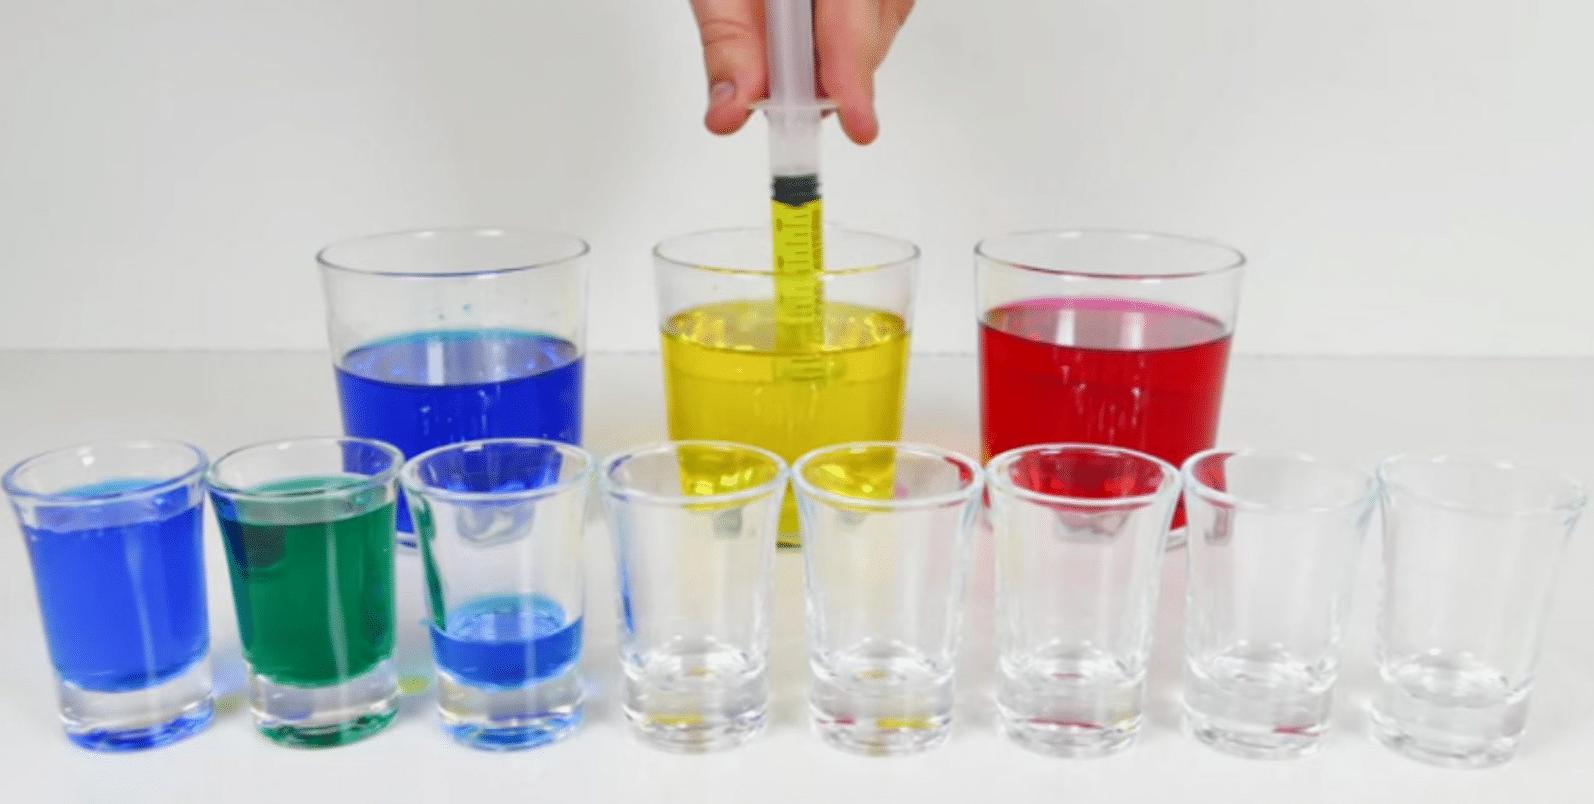 colores termometro galileo